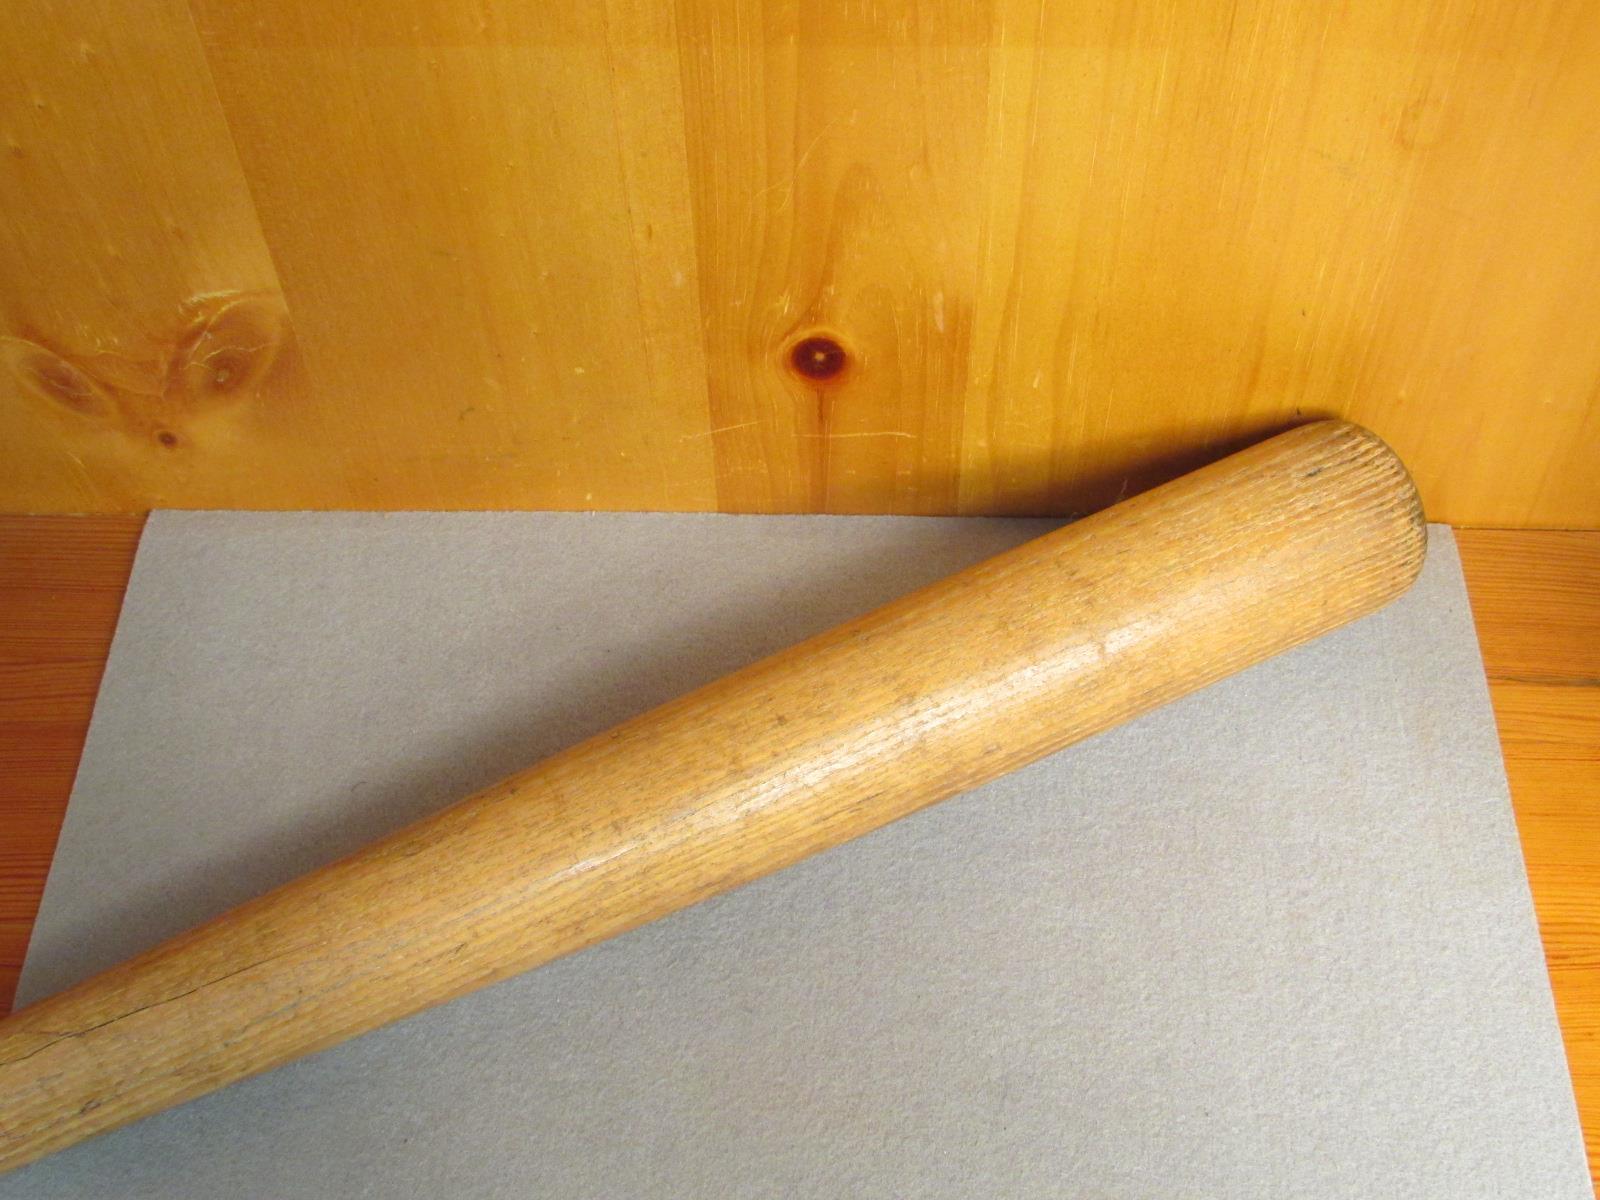 Vintage Joseph Kren Special Holz Holz Special Baseball Schläger Ryan Stil 88.9cm Syracuse, Ny 67df98